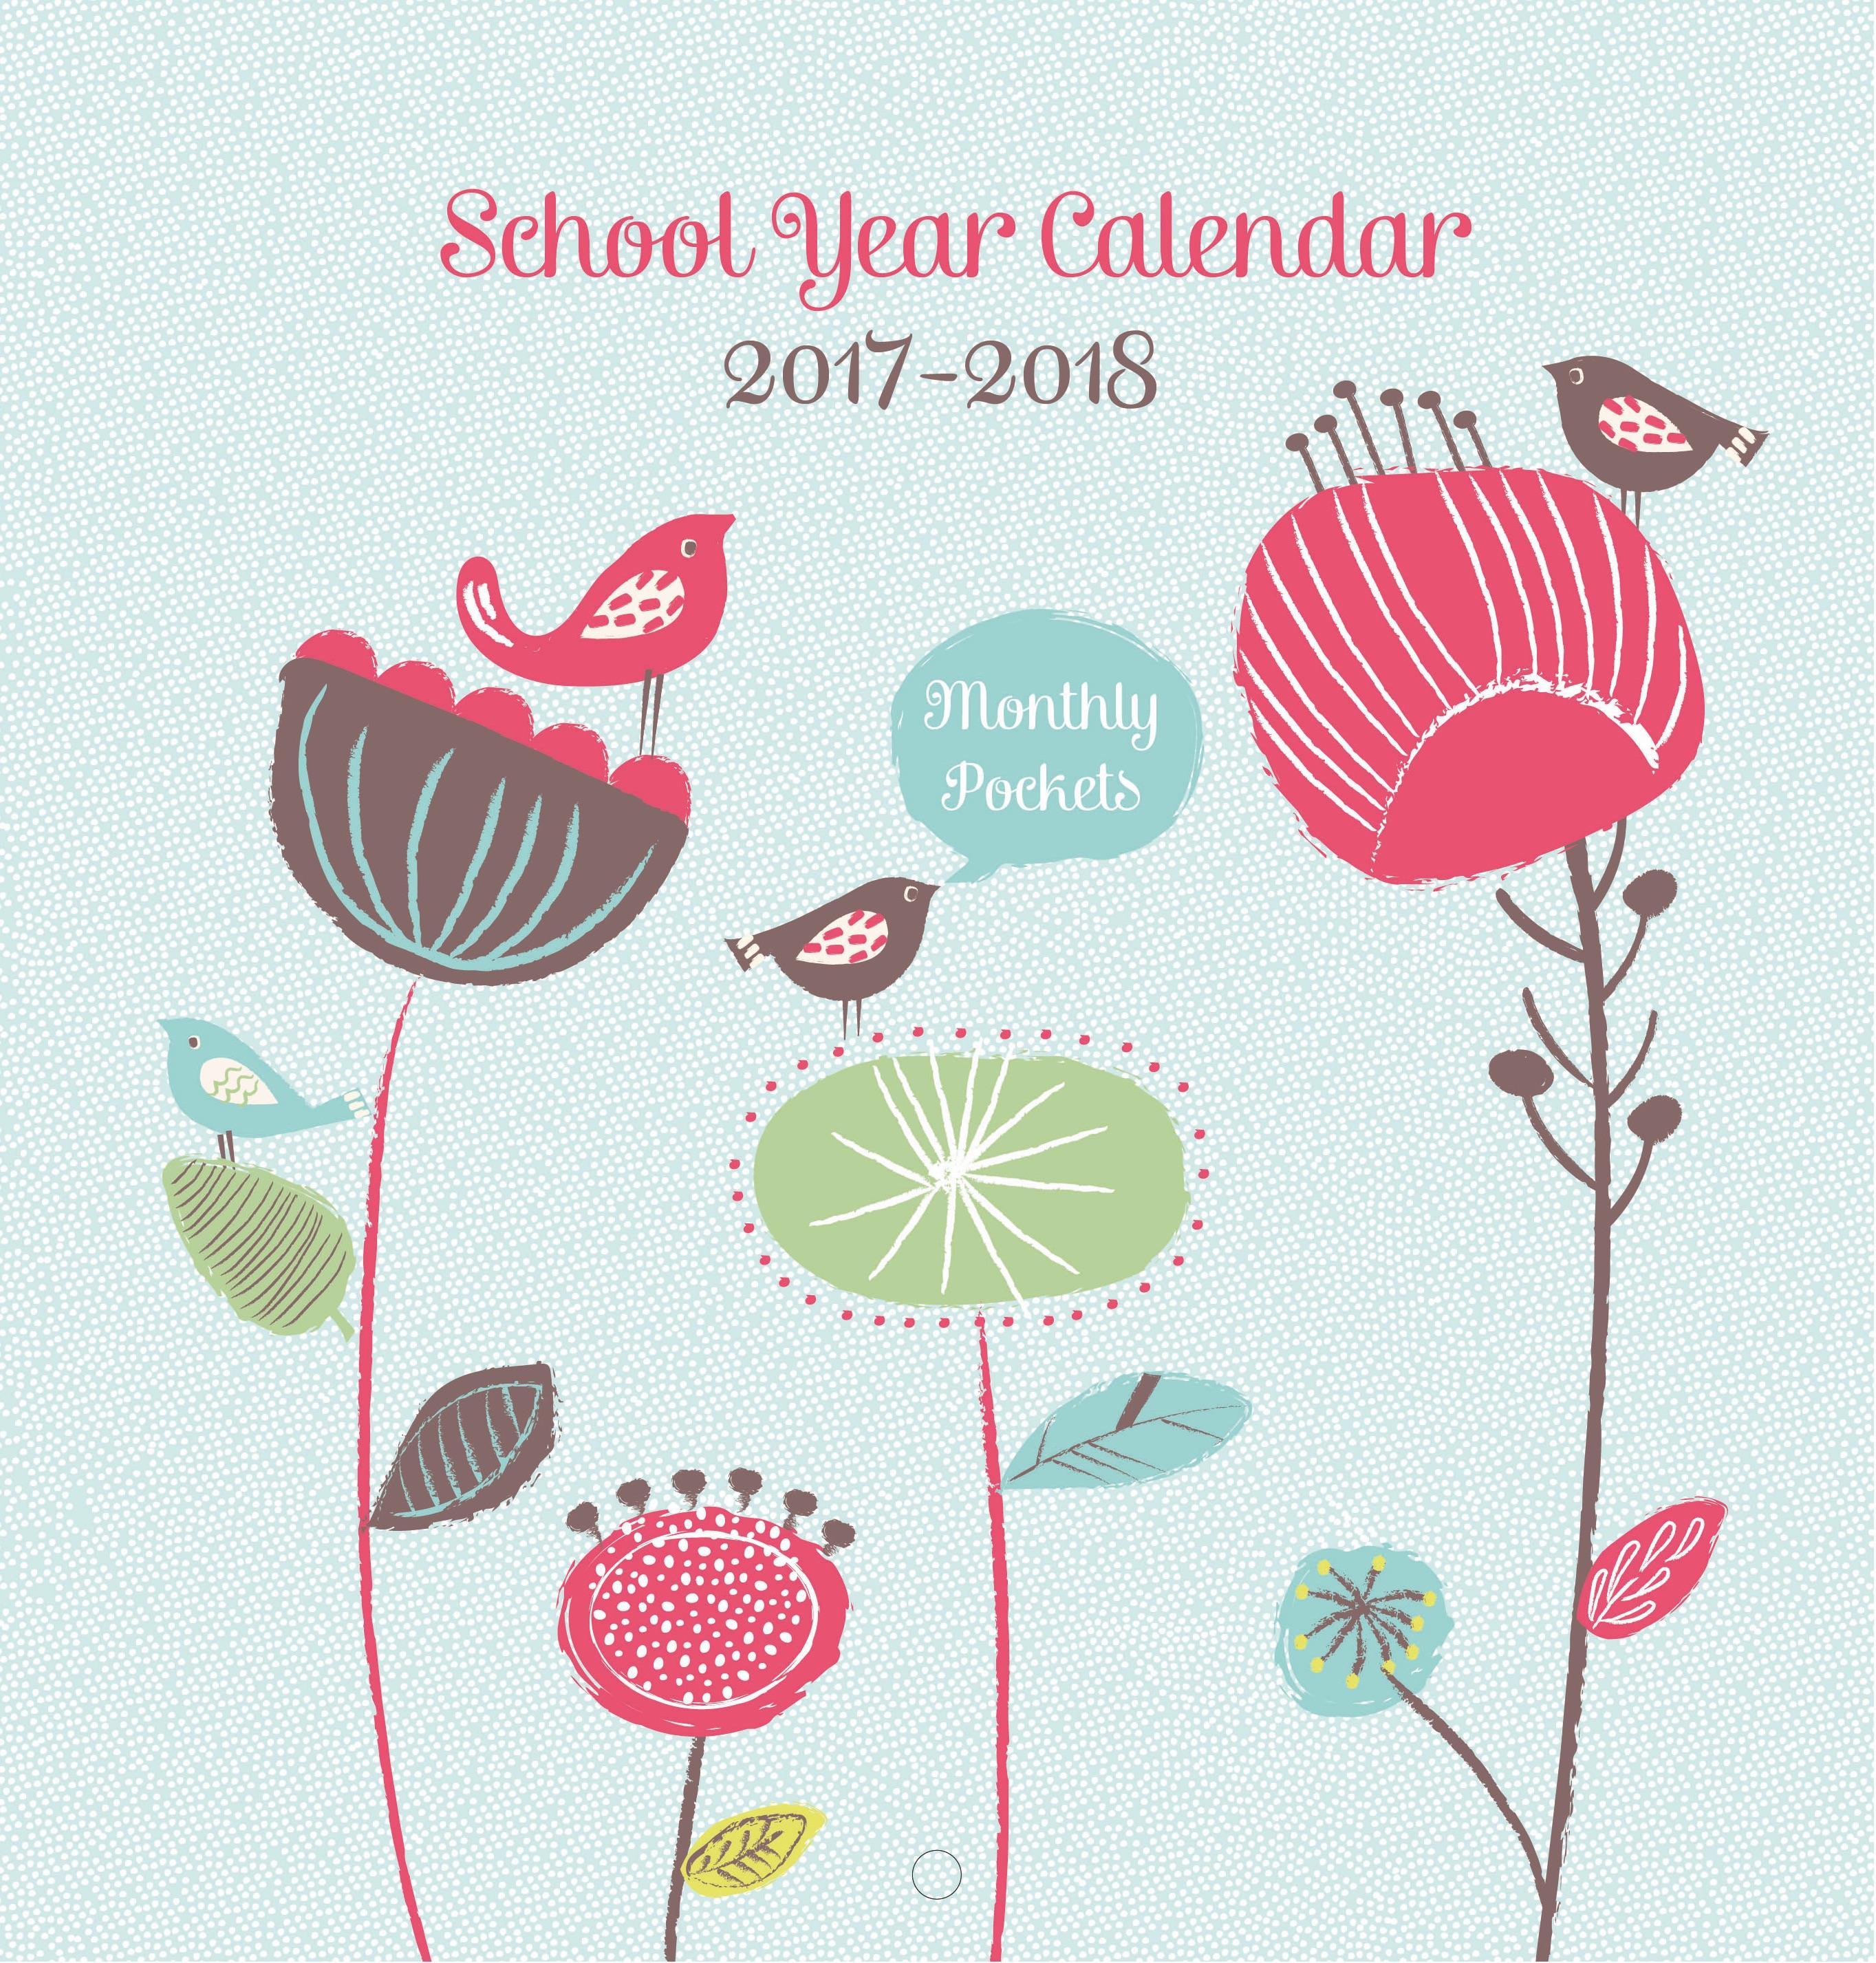 Academic Year Calendar 2017-2018